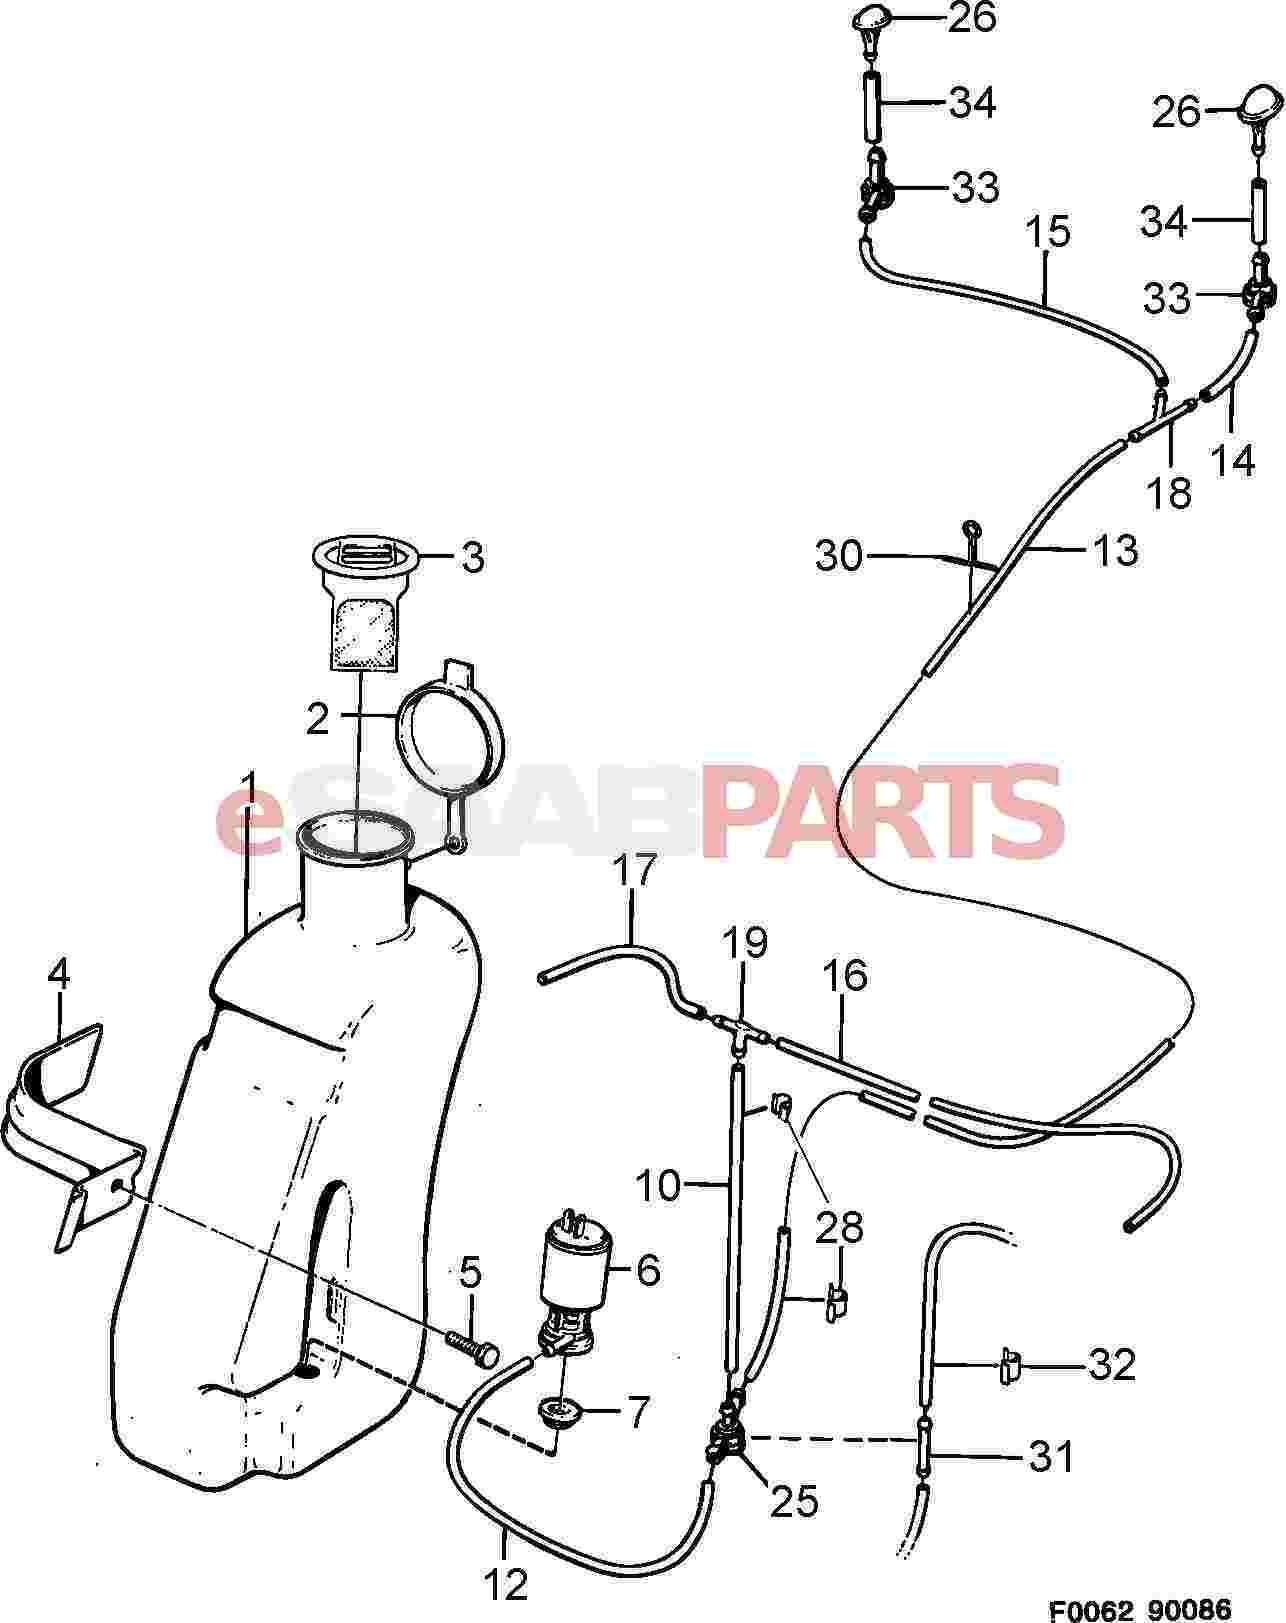 2004 saab 9 3 speaker wire diagram